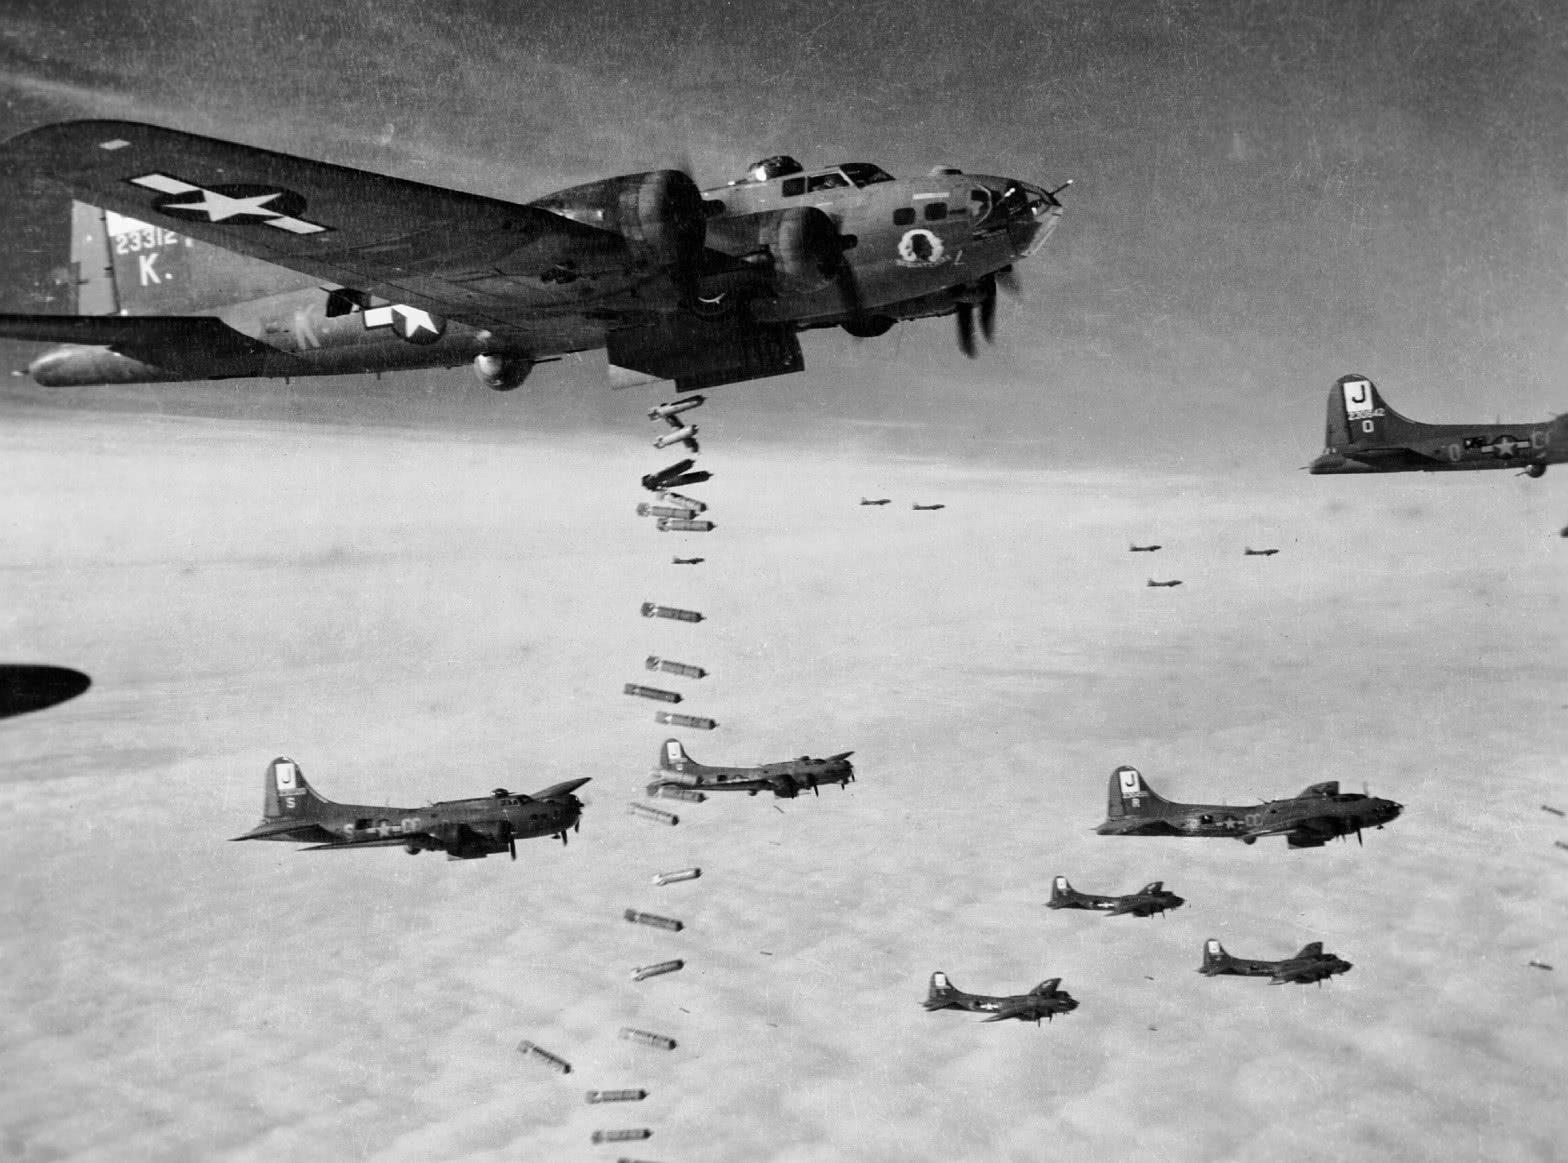 53名飞行员拼死撞毁大坝! 上亿吨洪水狂泻, 2000人半夜丧生